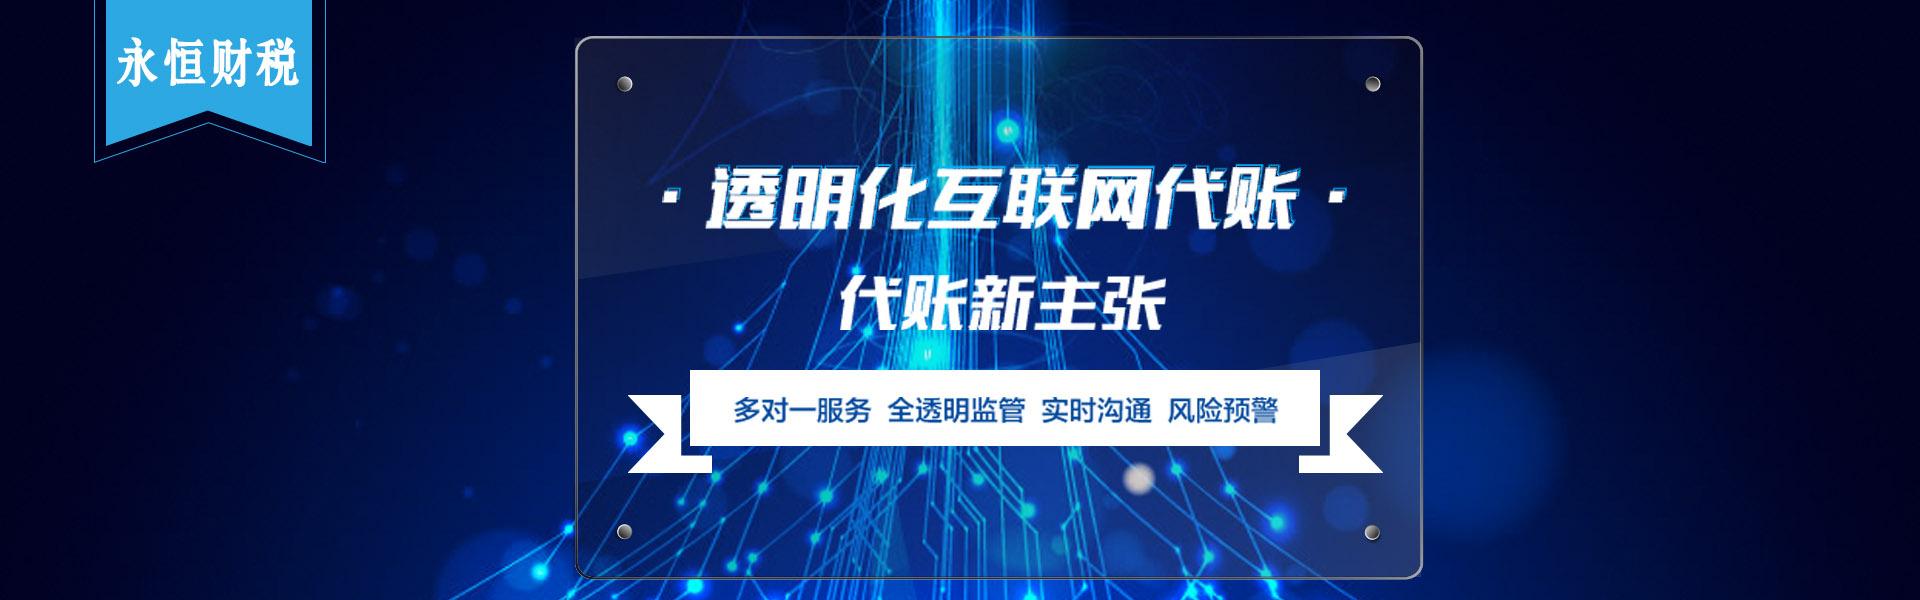 宁夏永恒盛蒂文化传媒有限公司